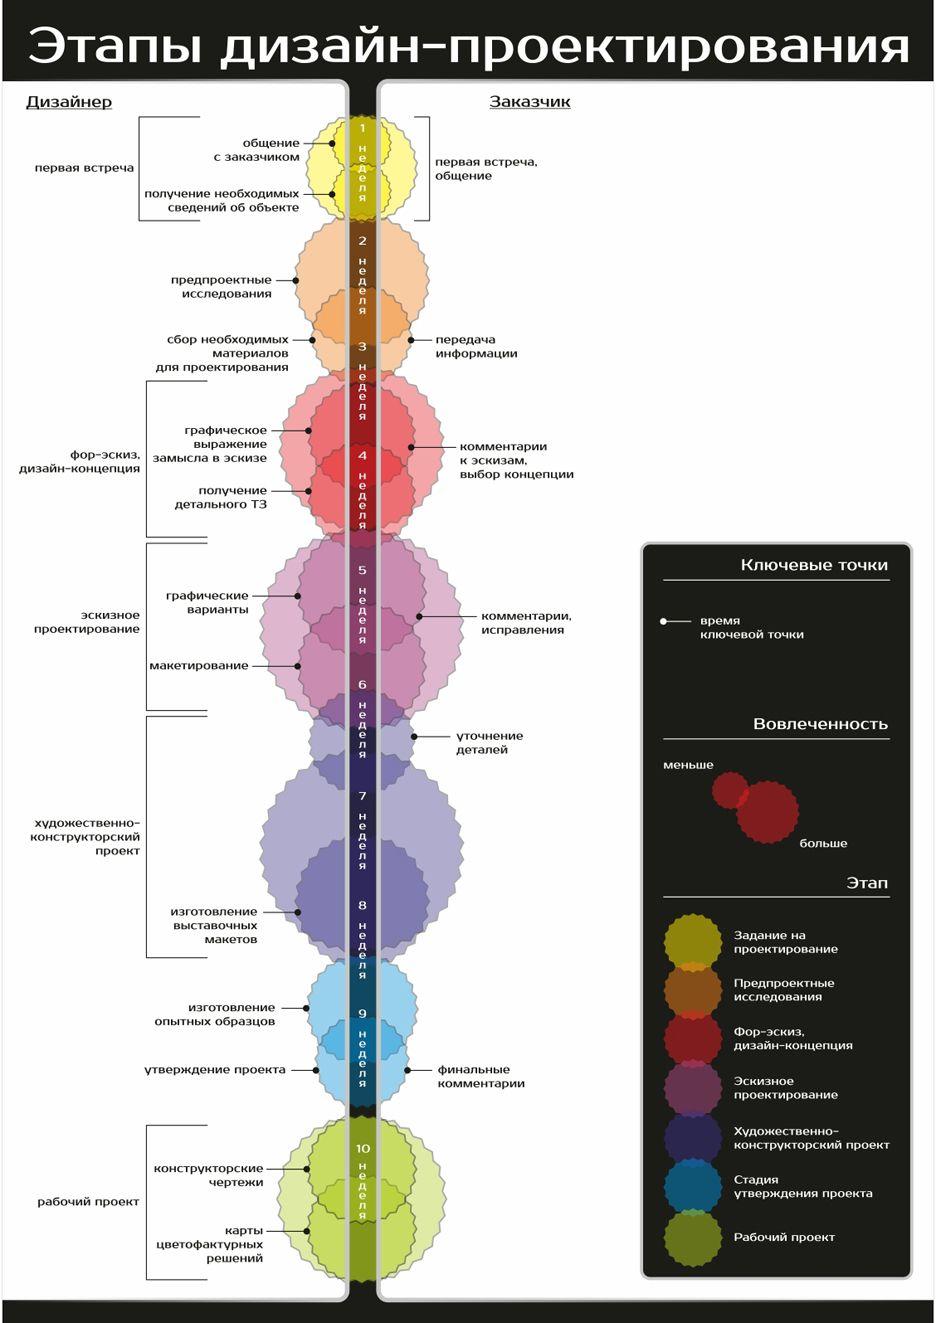 10ddf1b22f707 Дизайн. Арт. Хэнд-мэйд: Инфографика на Кушва-онлайн.ру   инфоГРАФИКА ...